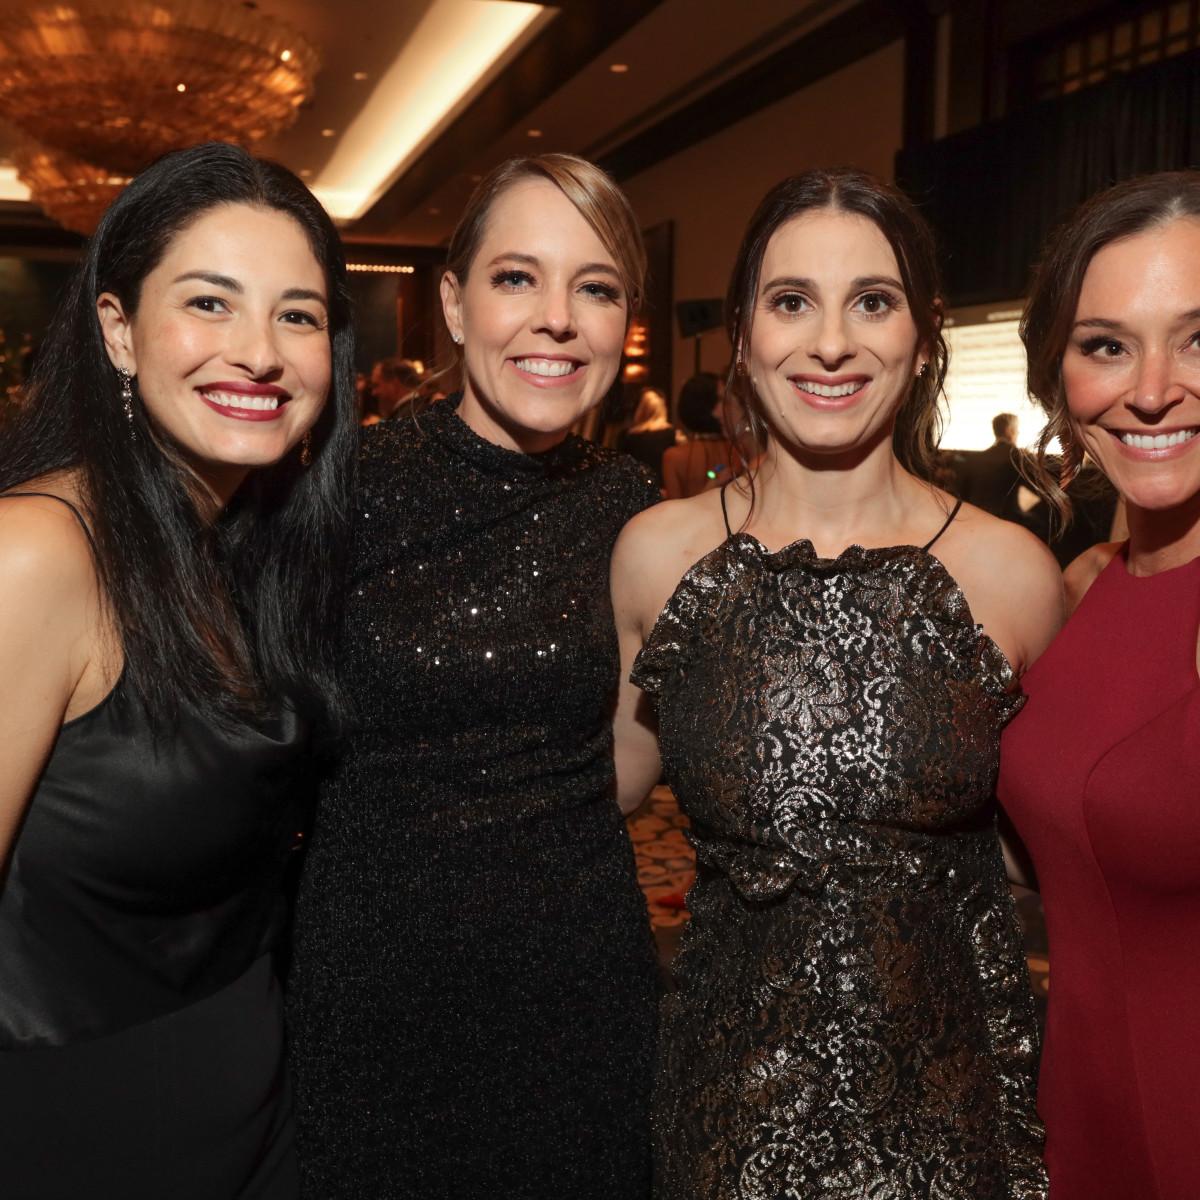 West U Park Lover's Ball 2020 Monica Heyne, Caitlin Pickard, Tatianna Yale, and Kimberly Eads